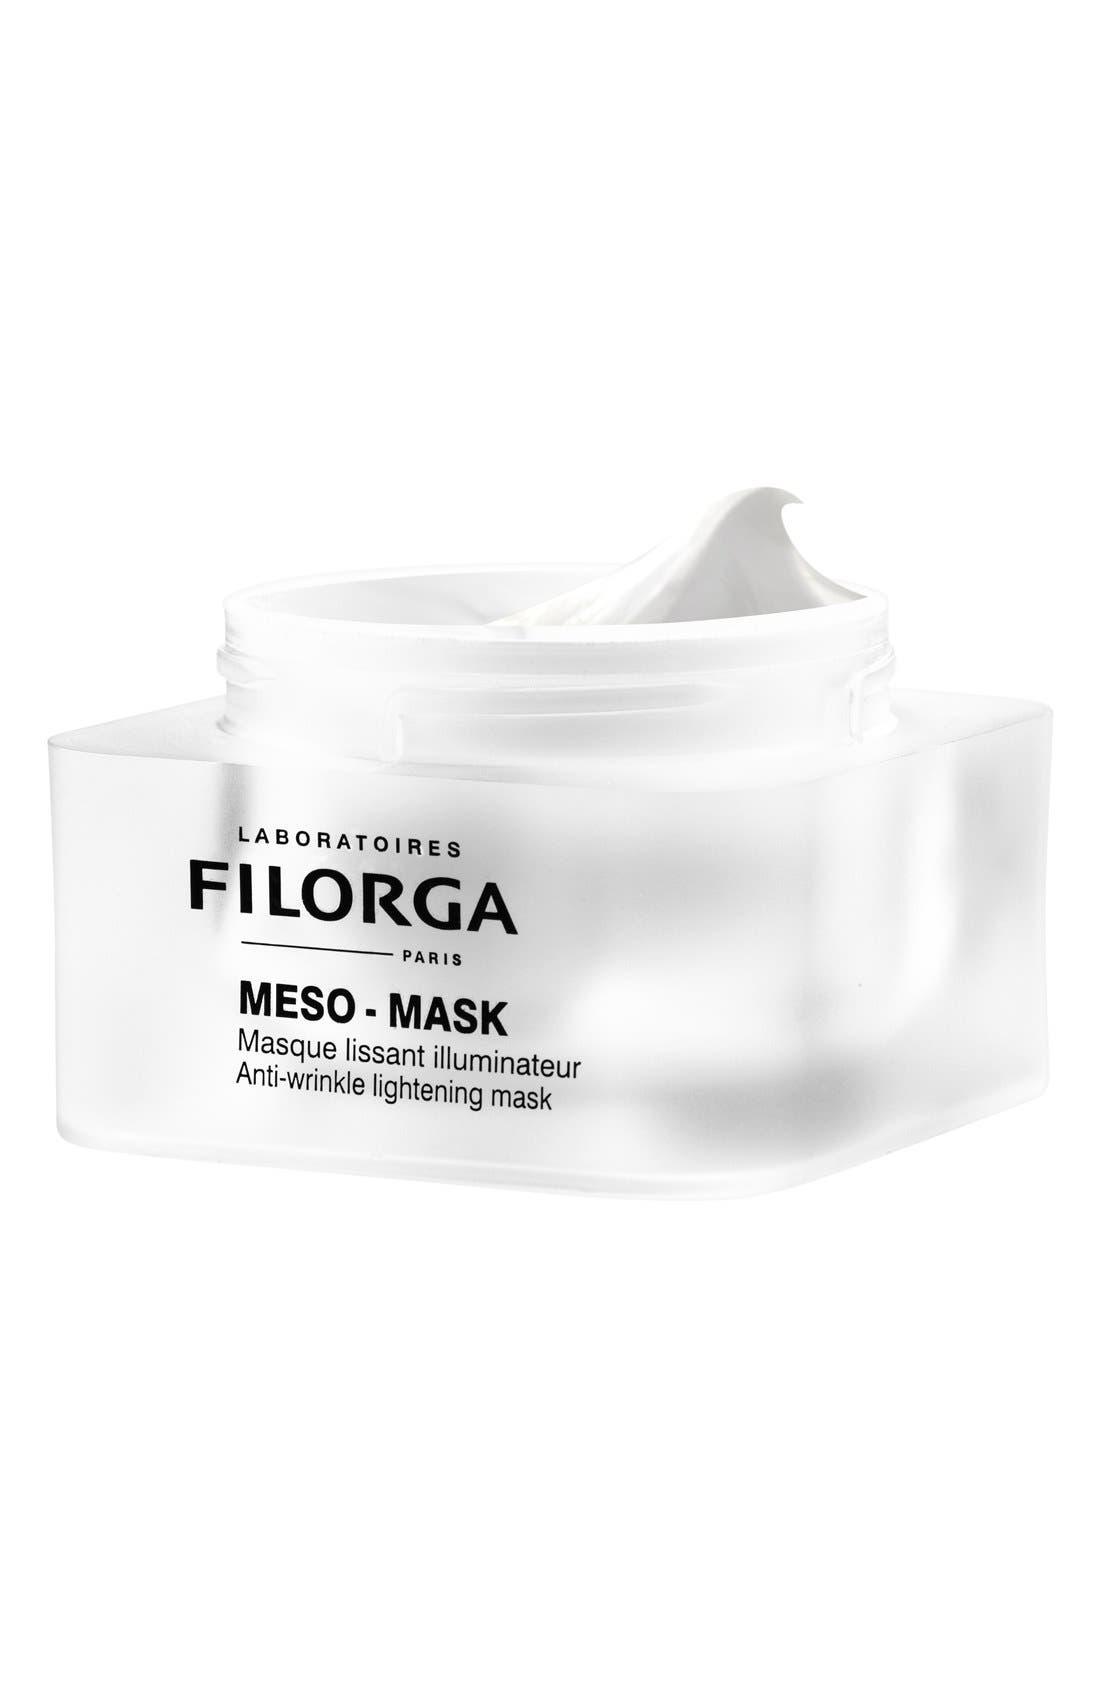 Filorga'Meso-Mask' Anti-Wrinkle Lightening Mask